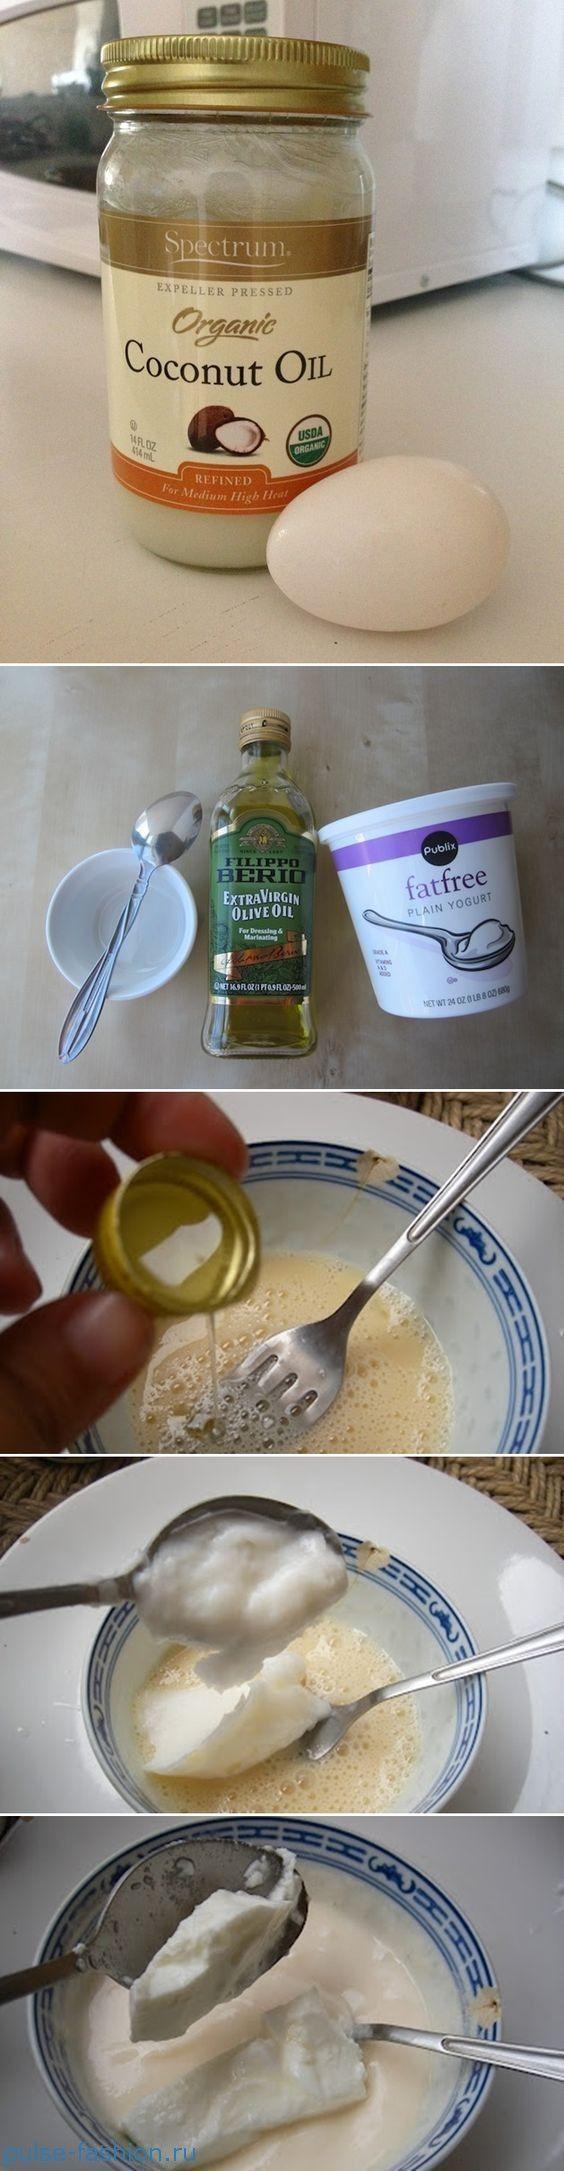 Приготовление яичной маски пошаговый рецепт с фото Яичная маска для волос: рецепт, использование и полезные свойства